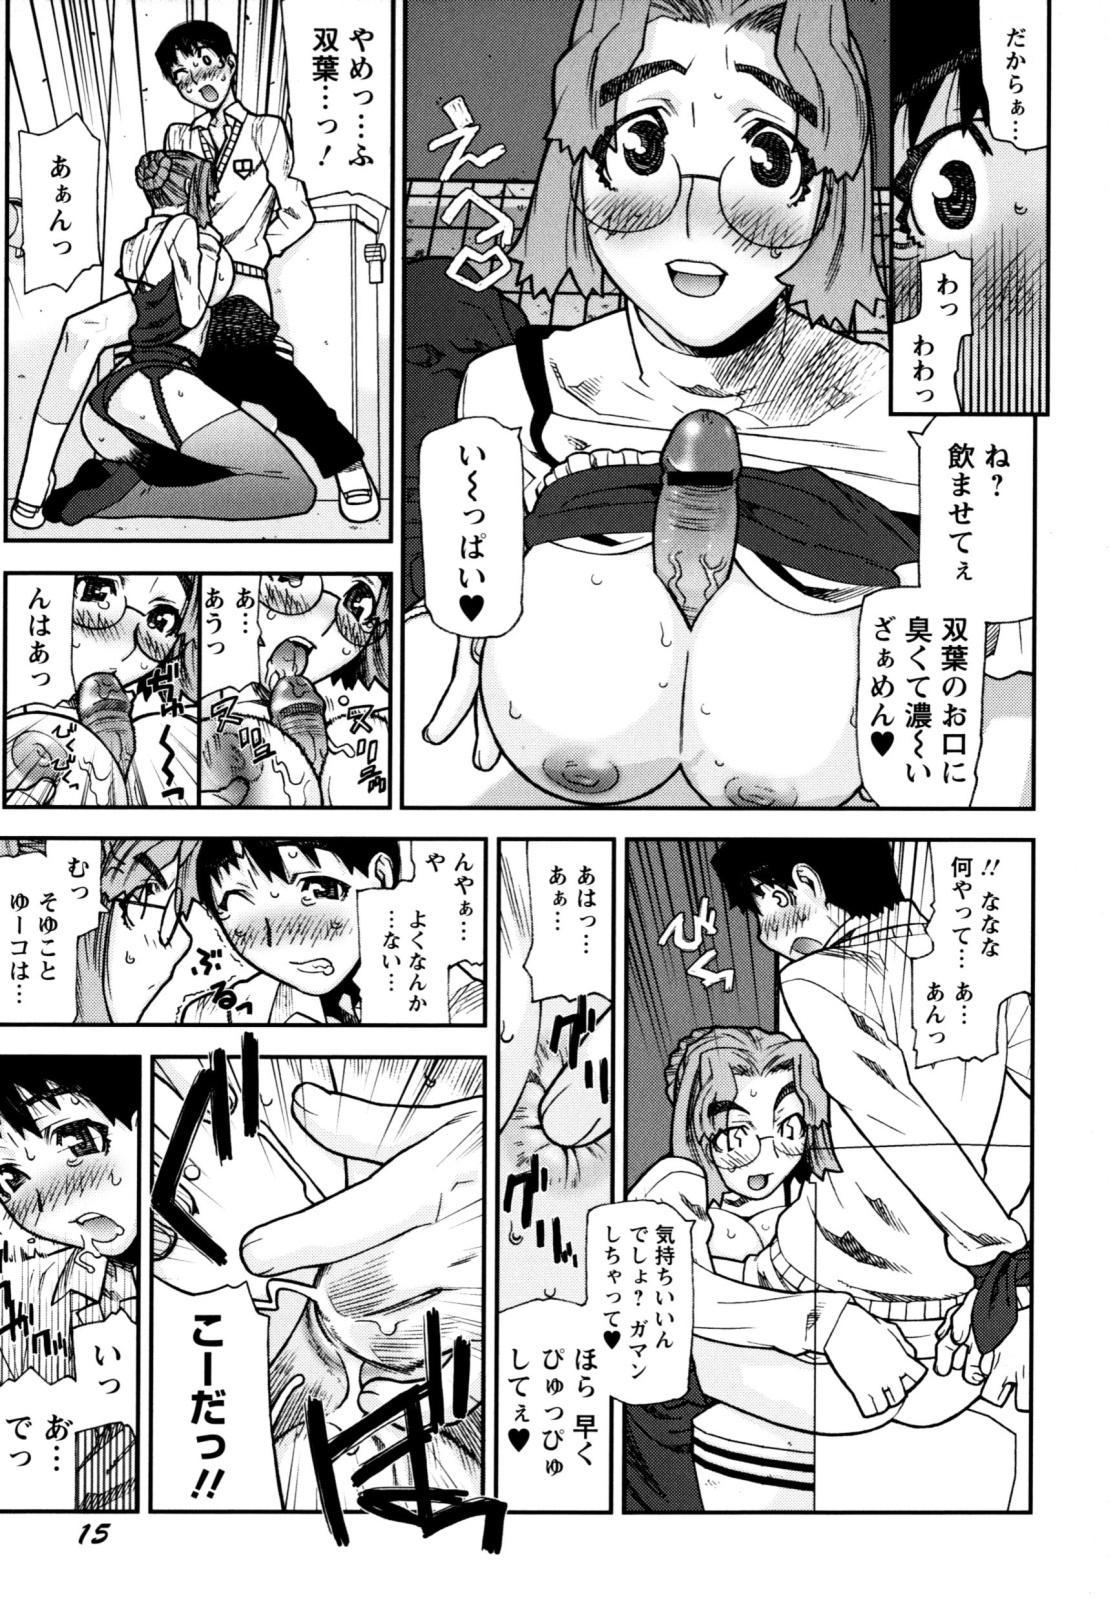 Fukuro no Nakami 18